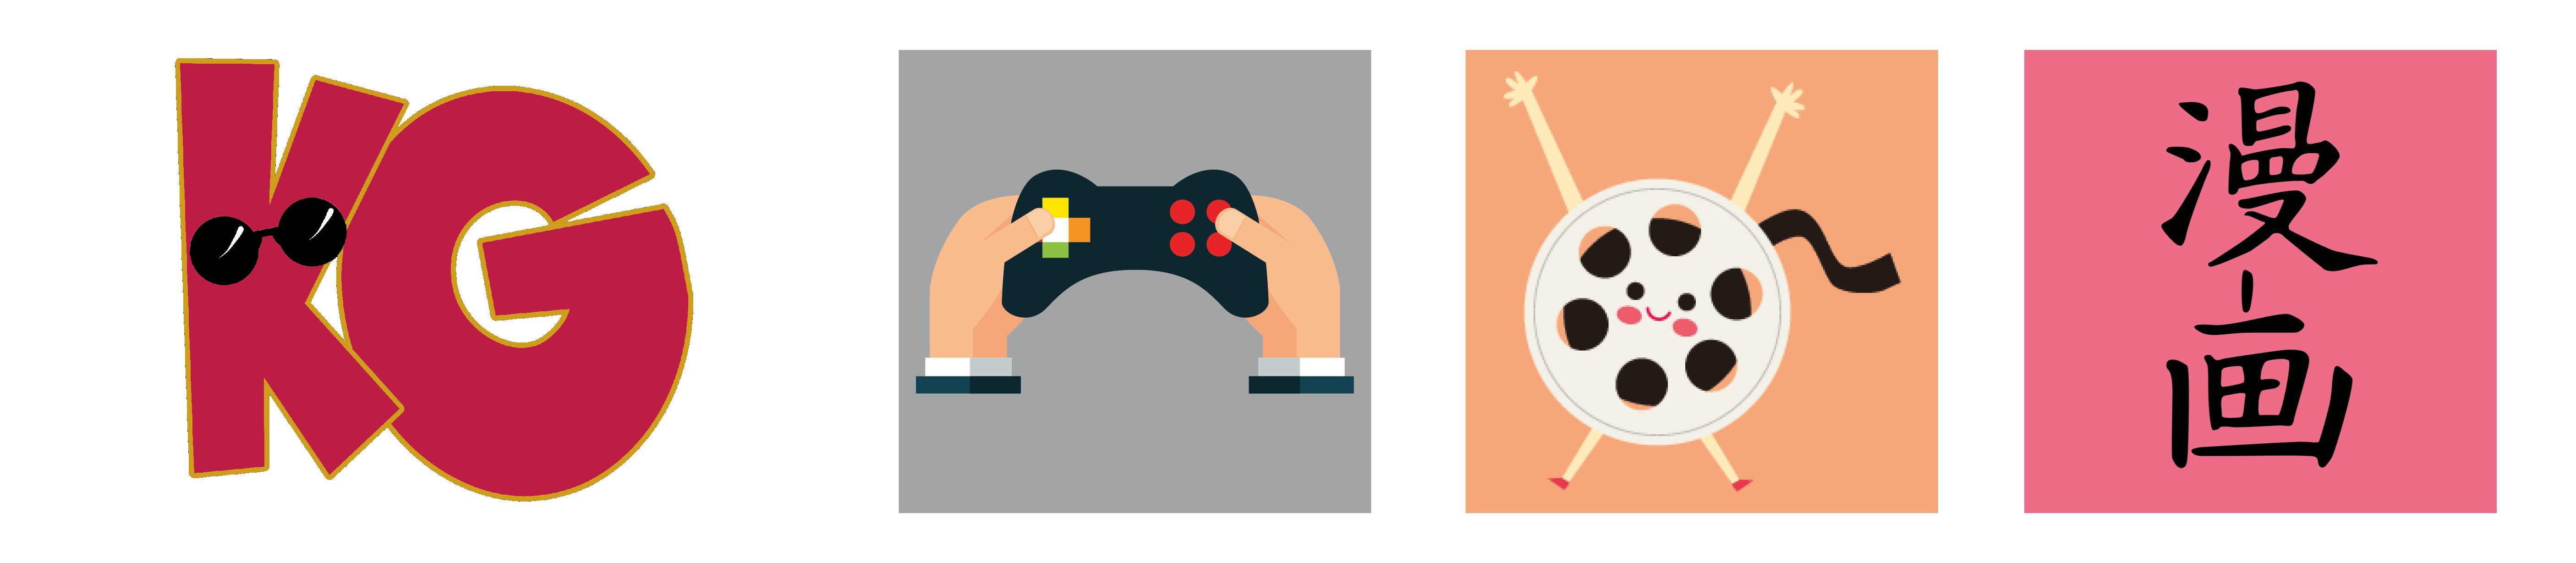 Kaio Gaming